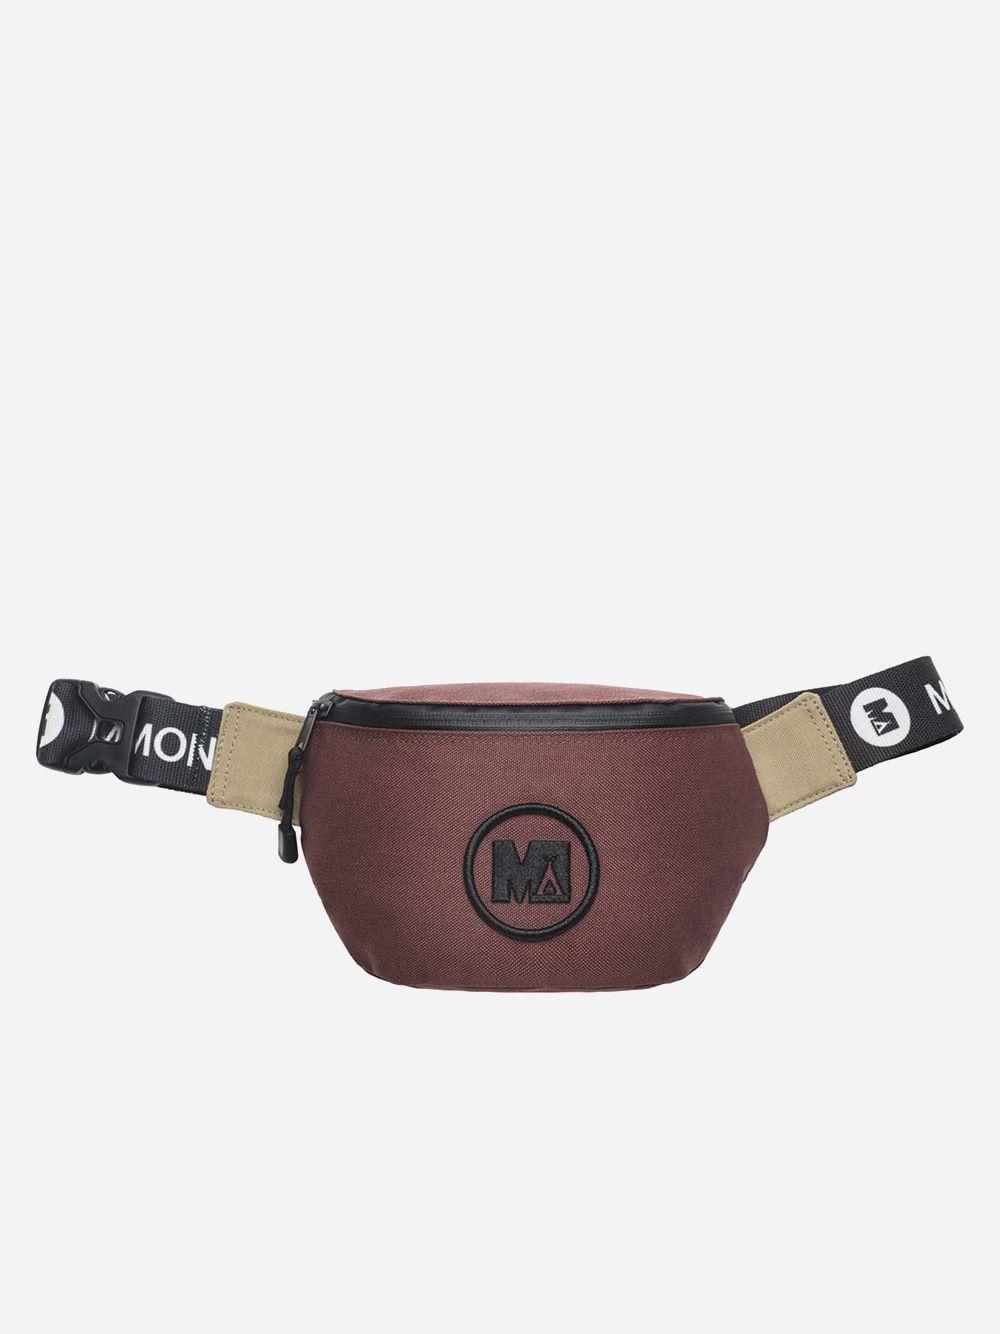 Bolsa de Cintura Castanha & Bege Claro | Monte Campo